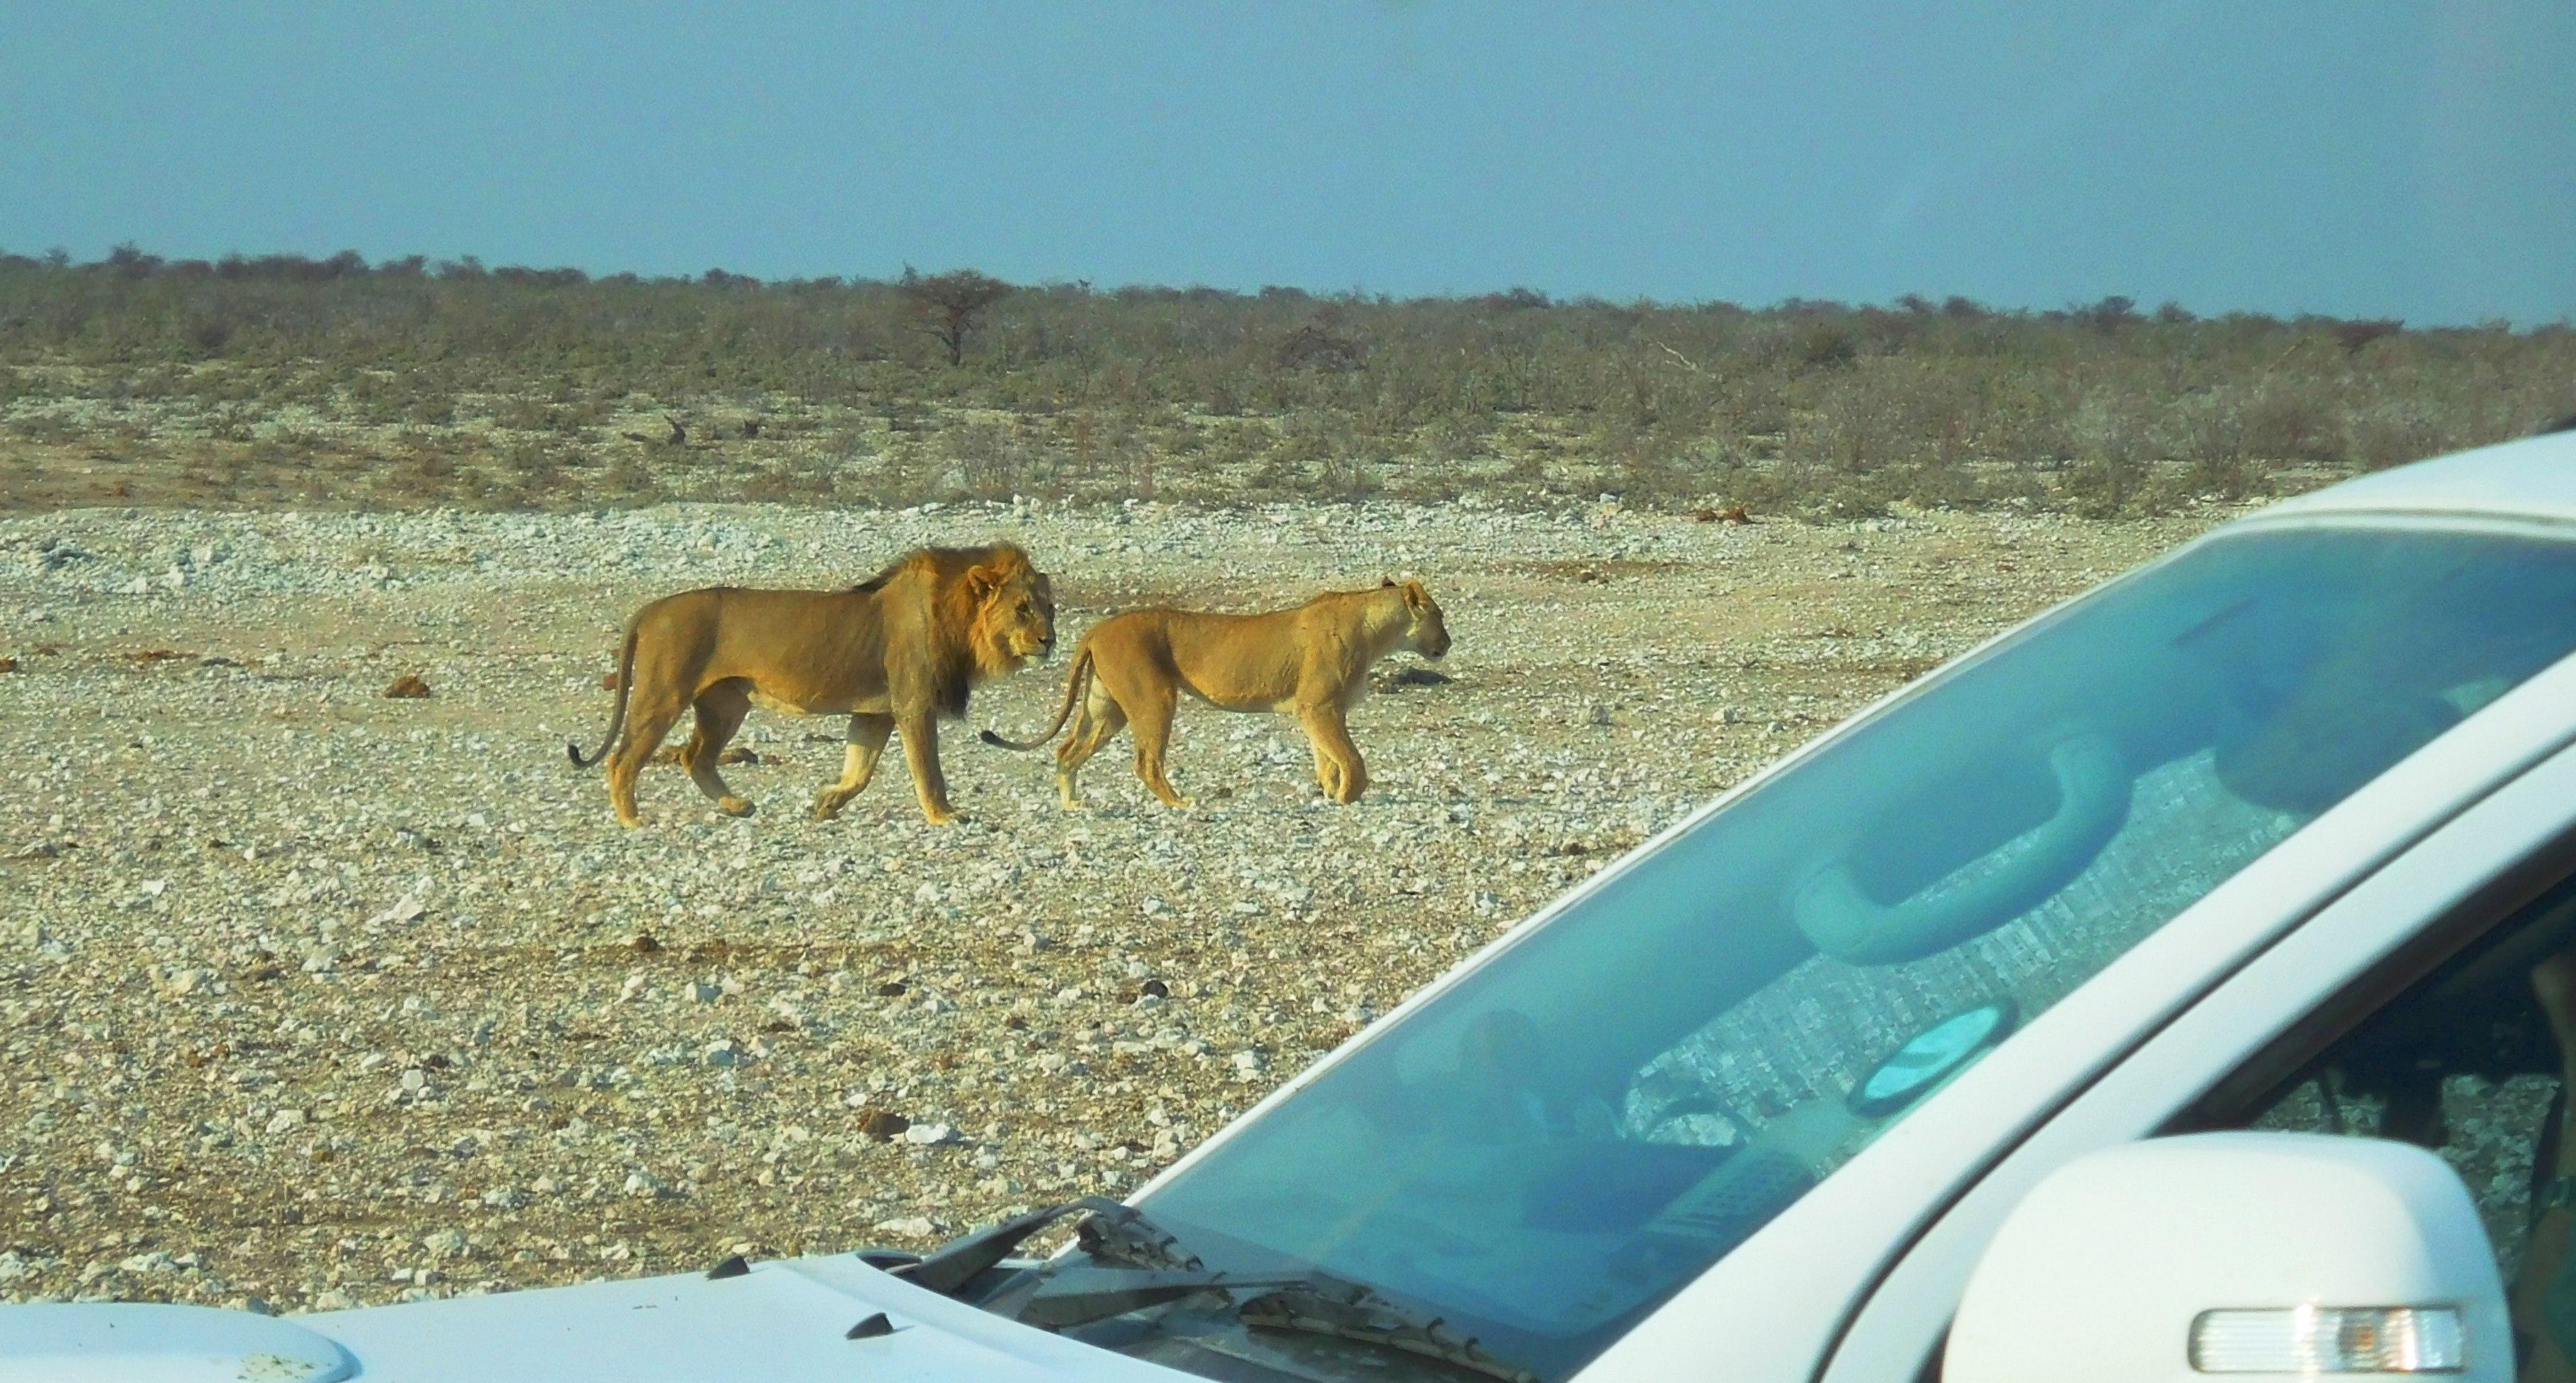 Löwenpaar nur wenige Meter von Auto enfernt im Etosha-Nationalpark